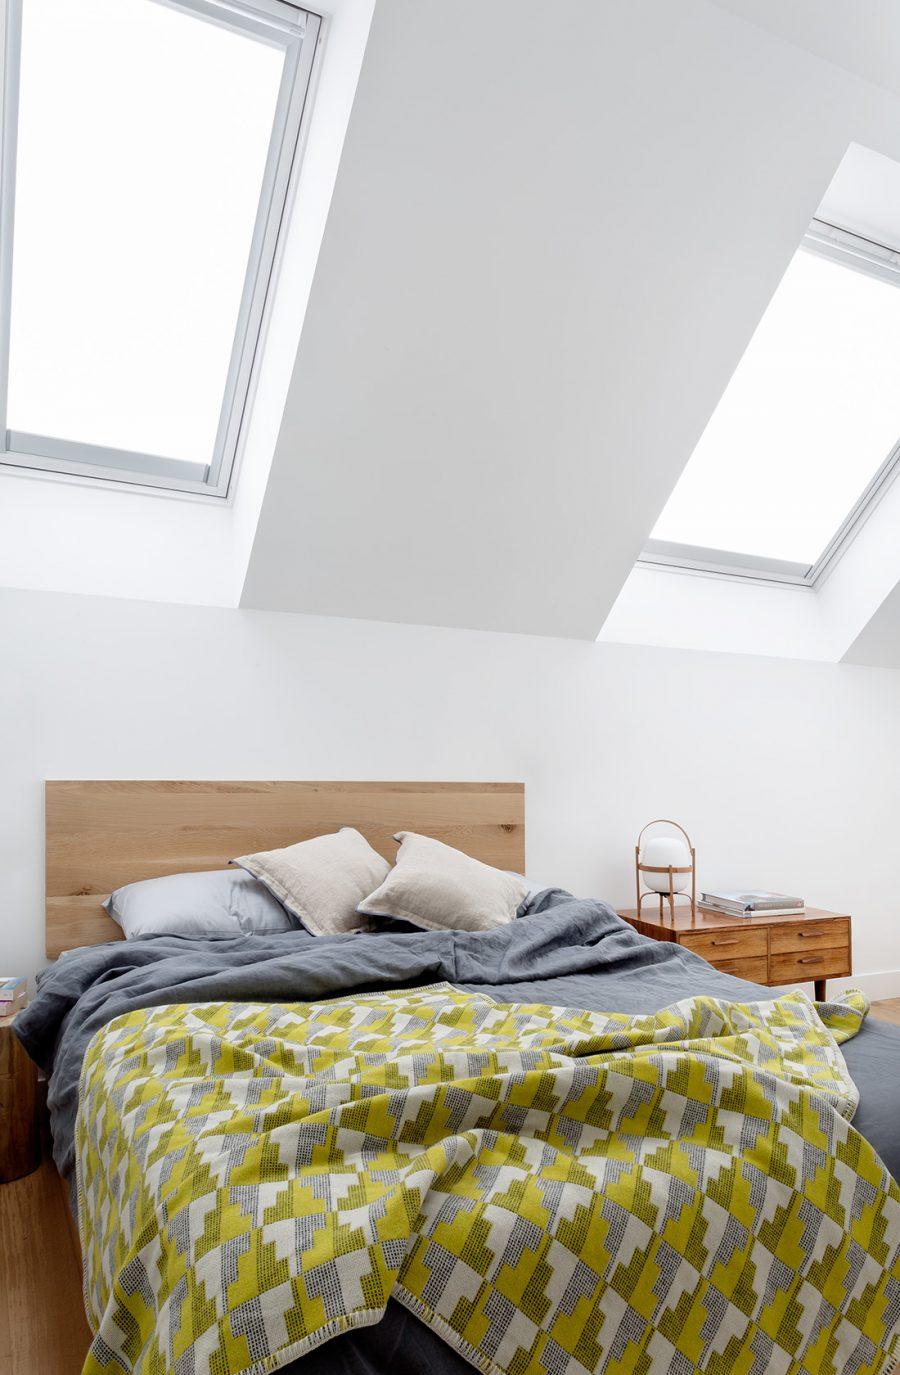 Reforma integral duplex serrano casa ayala ii dormitorio 03